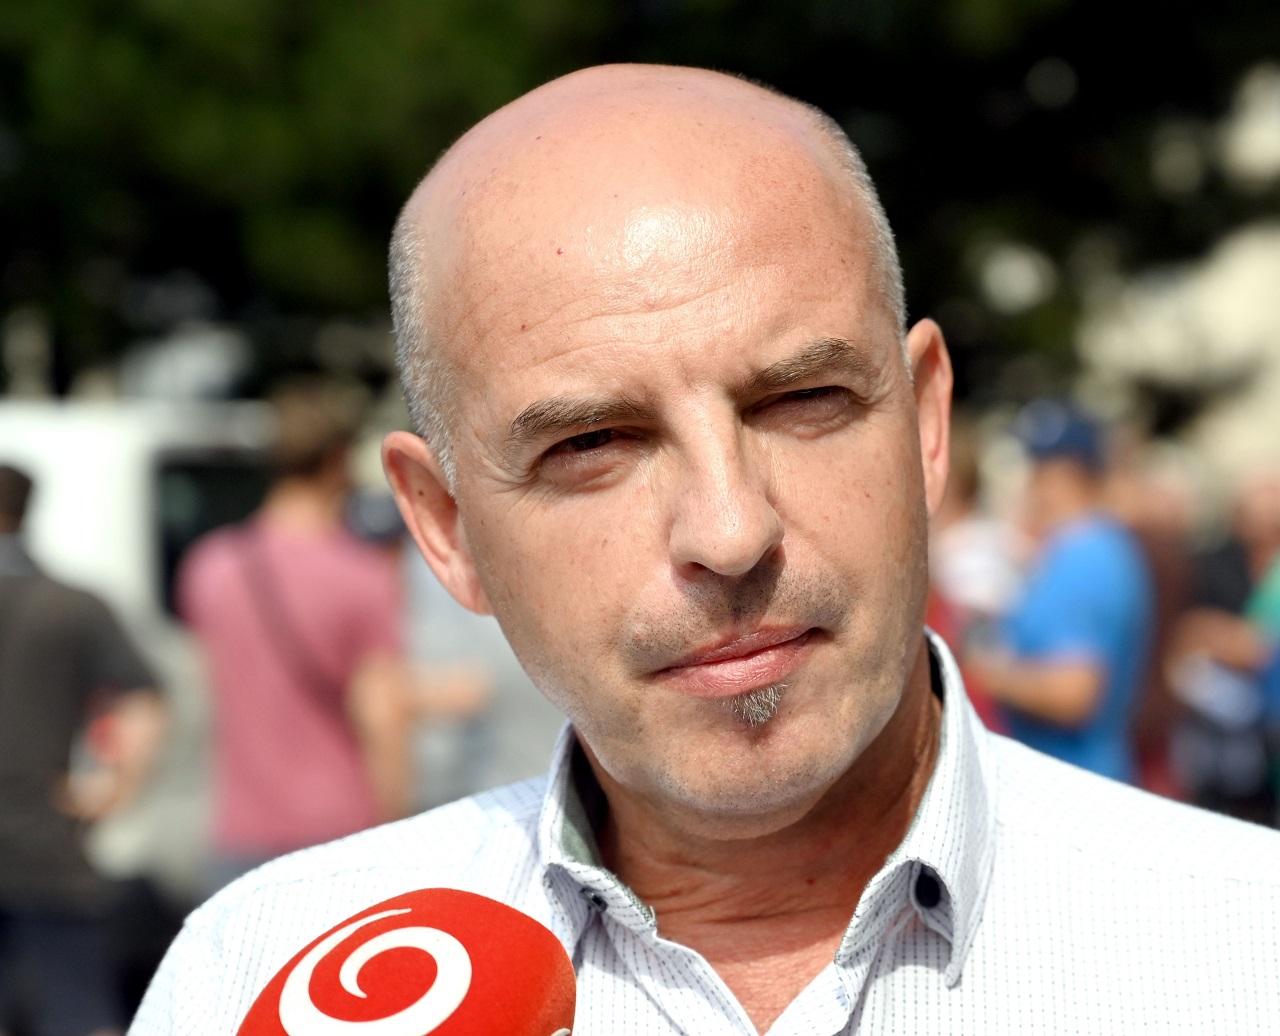 predseda Výboru Rady odborov OZ KOVOU.S.Steel Košice Juraj Varga